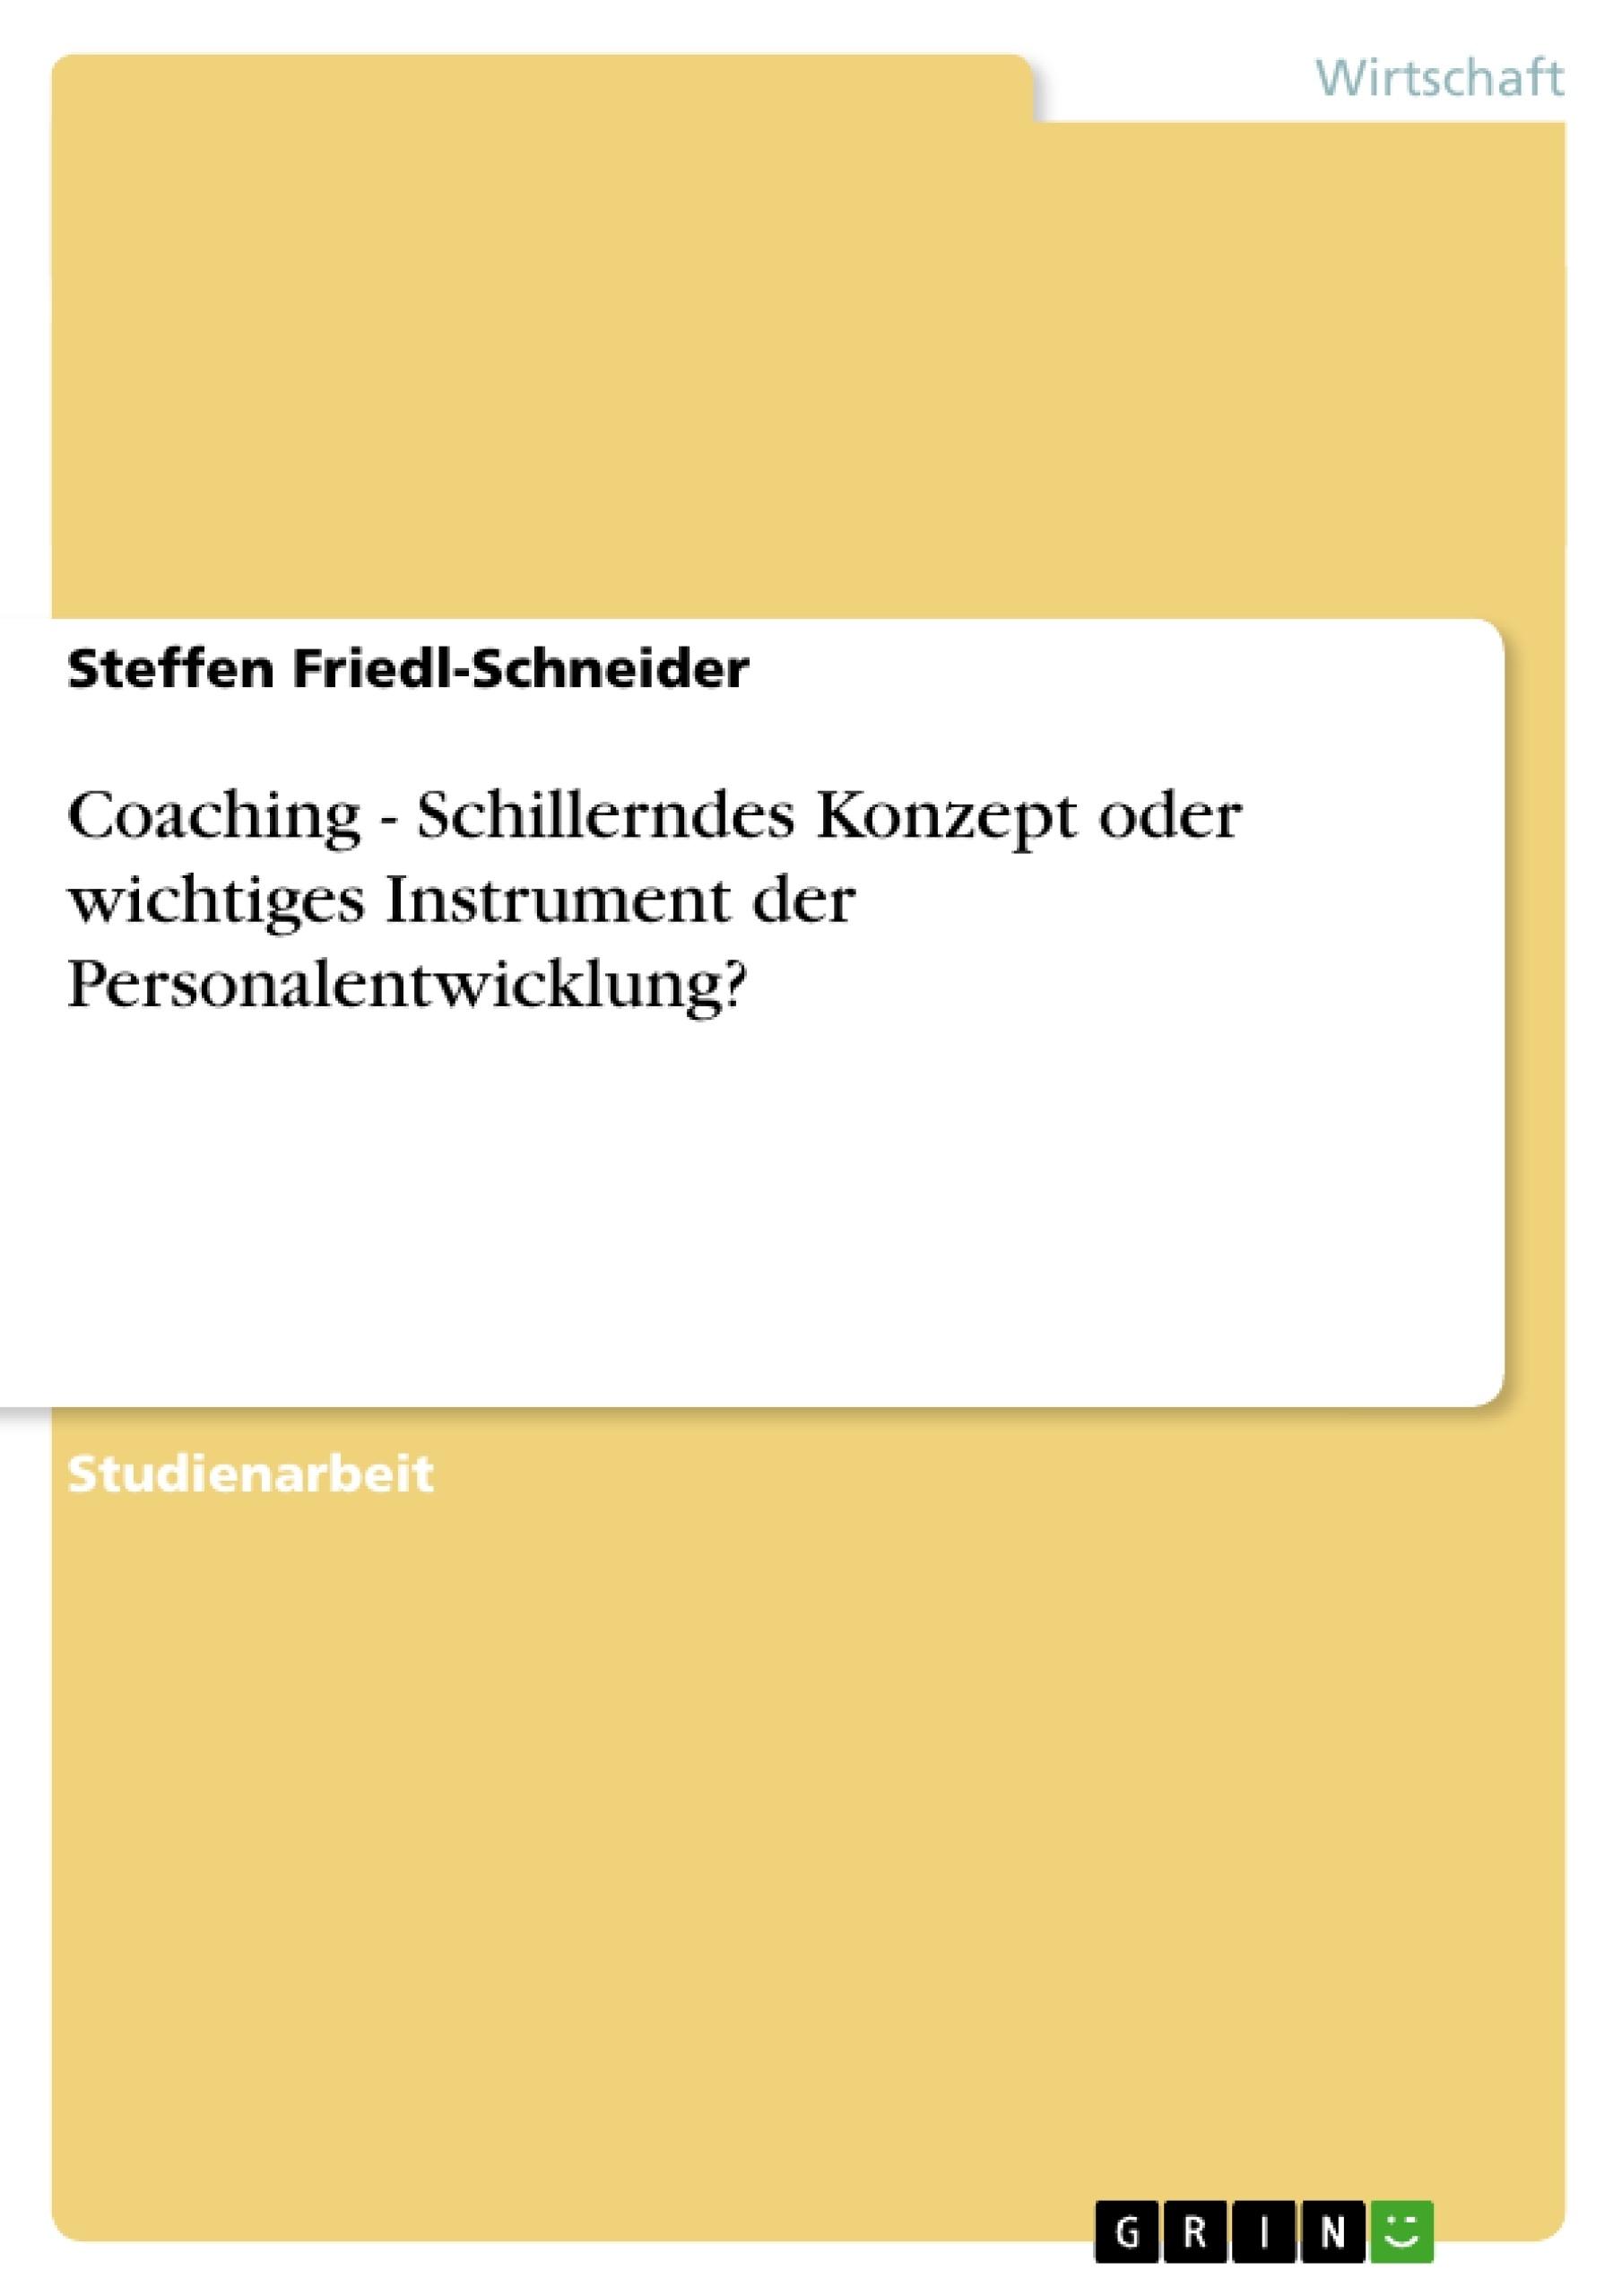 Titel: Coaching - Schillerndes Konzept oder wichtiges Instrument der Personalentwicklung?